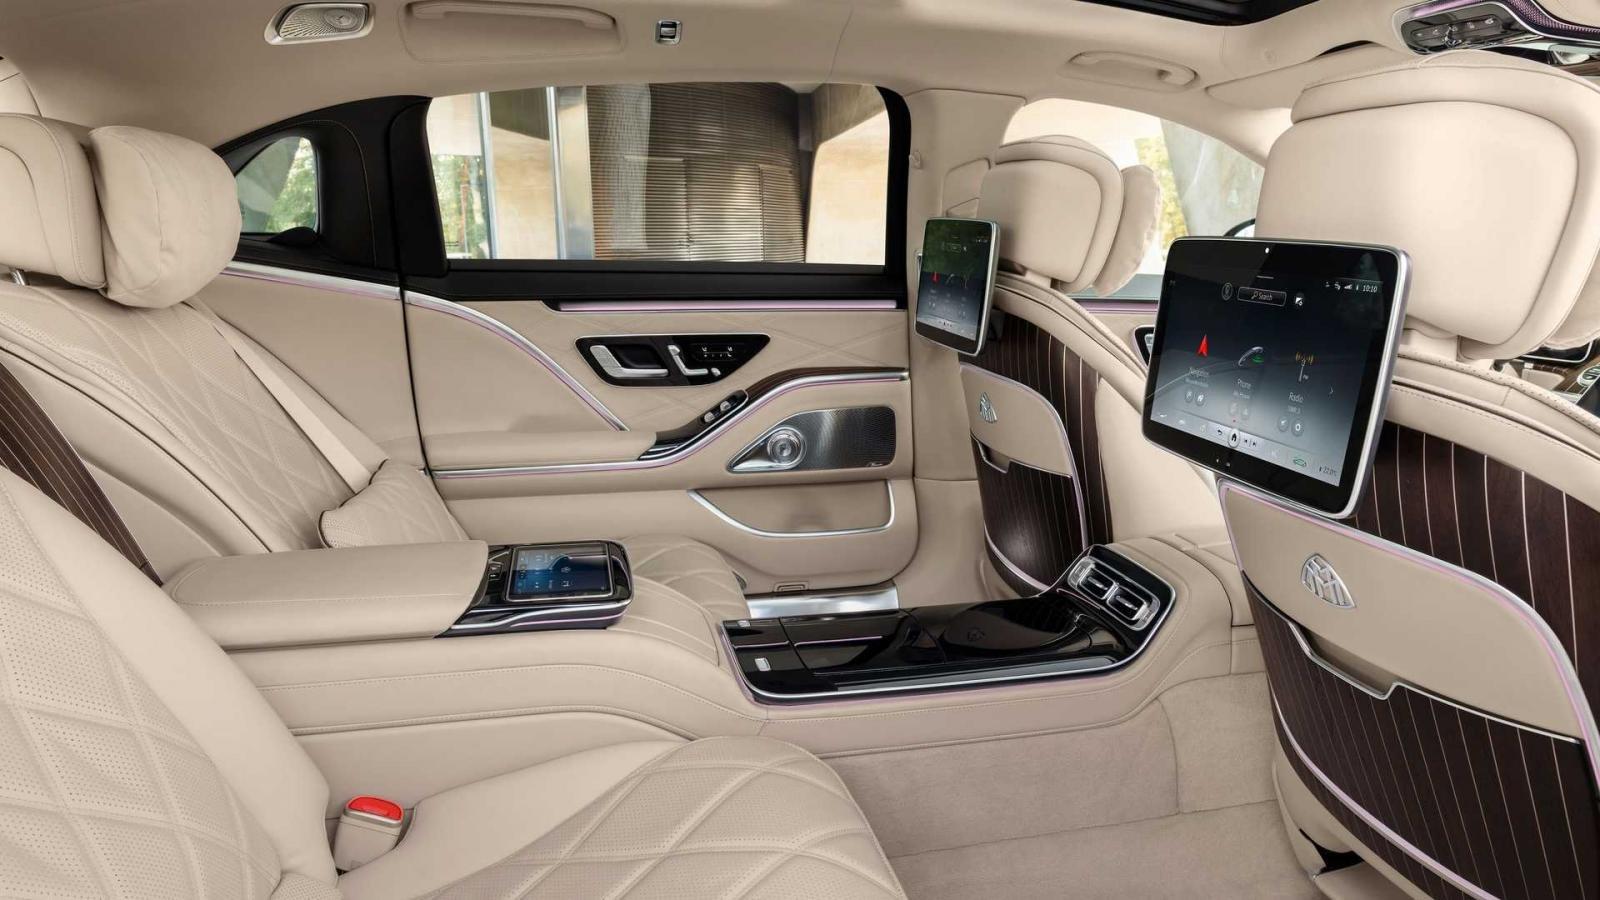 Mercedes-Maybach S680 2022 V12 sang trọng, hiện đại và quyền quý.